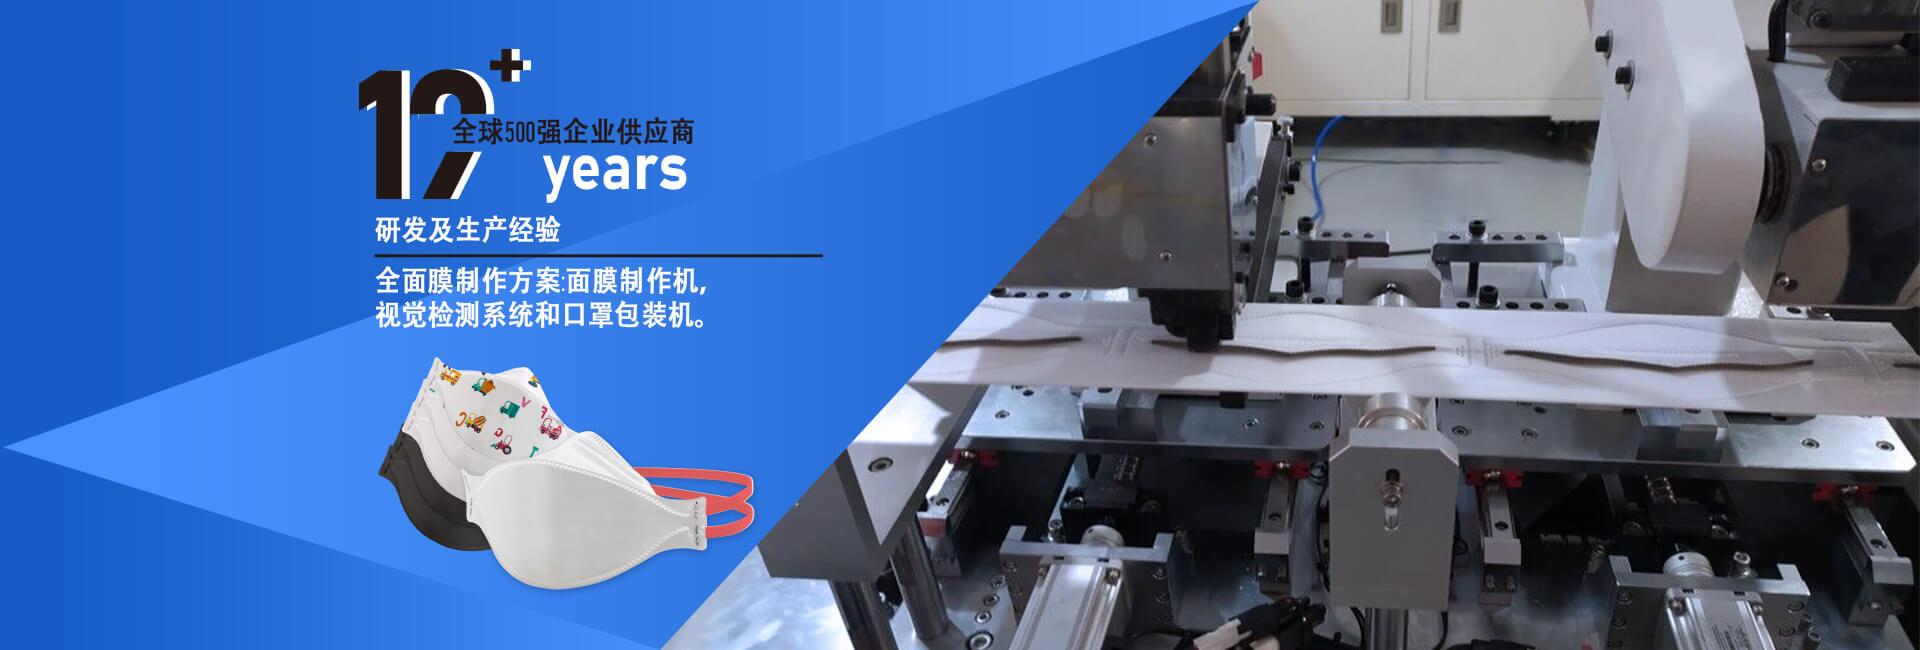 广东专业全自动KF94鱼型口罩机厂家诚信服务